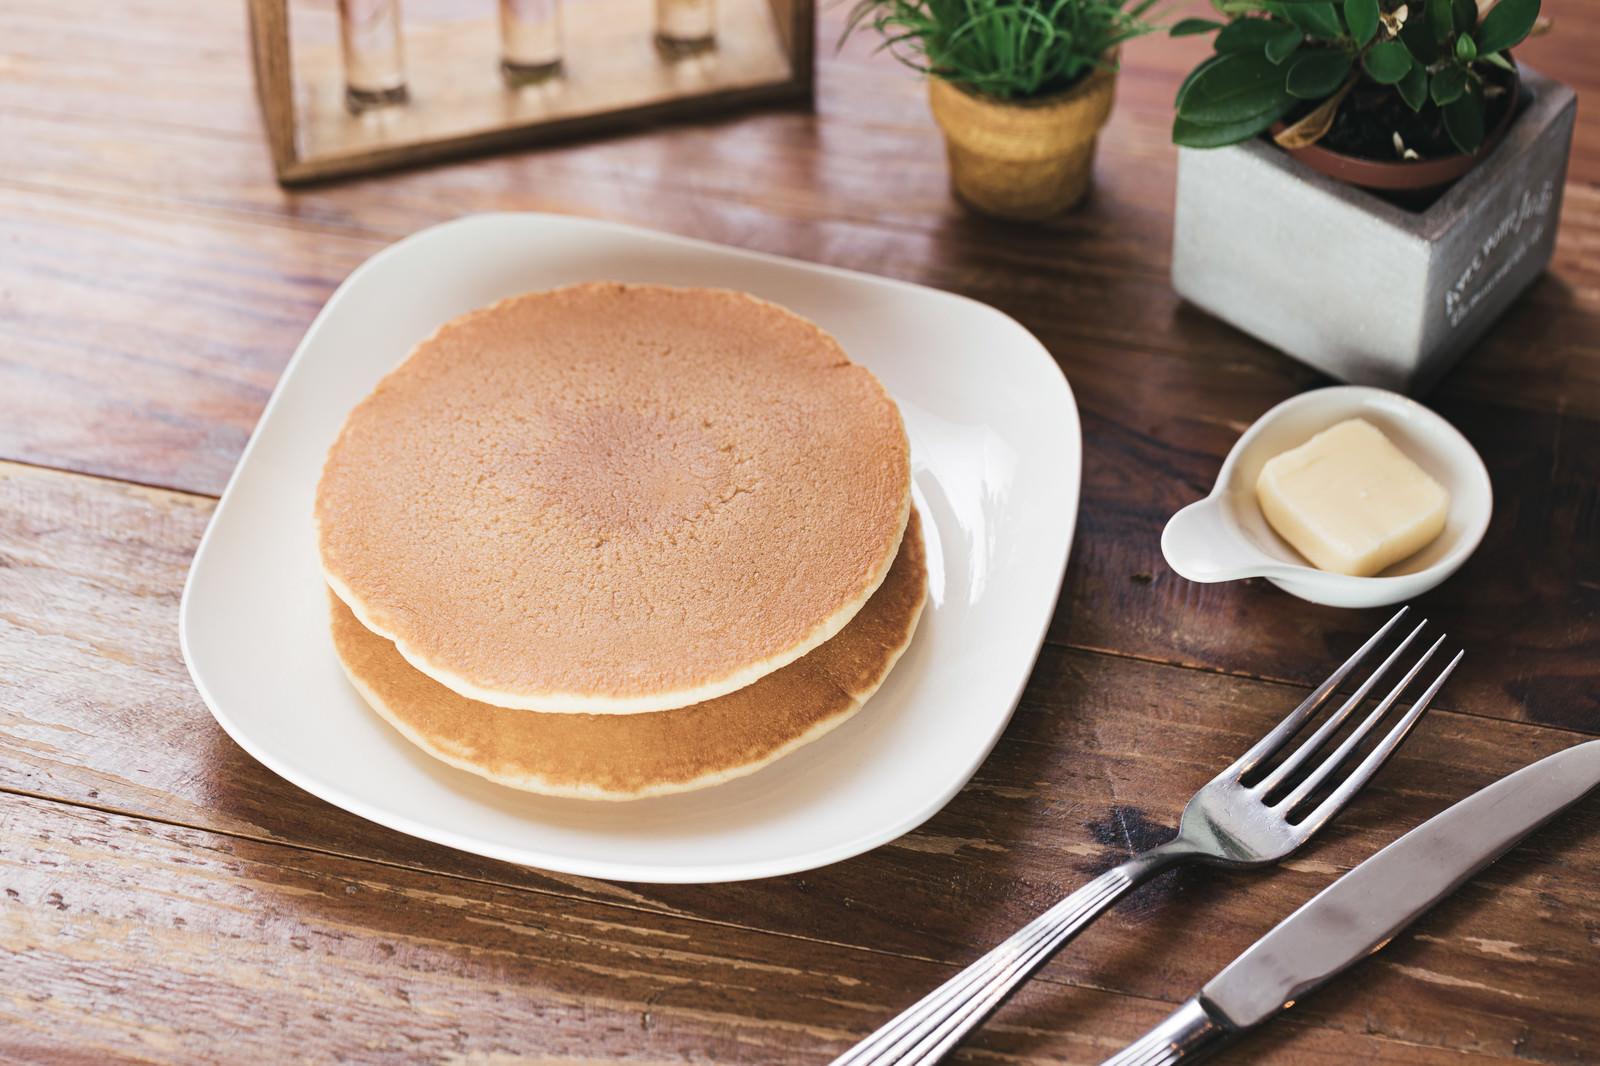 「カフェで提供されているパンケーキ」の写真